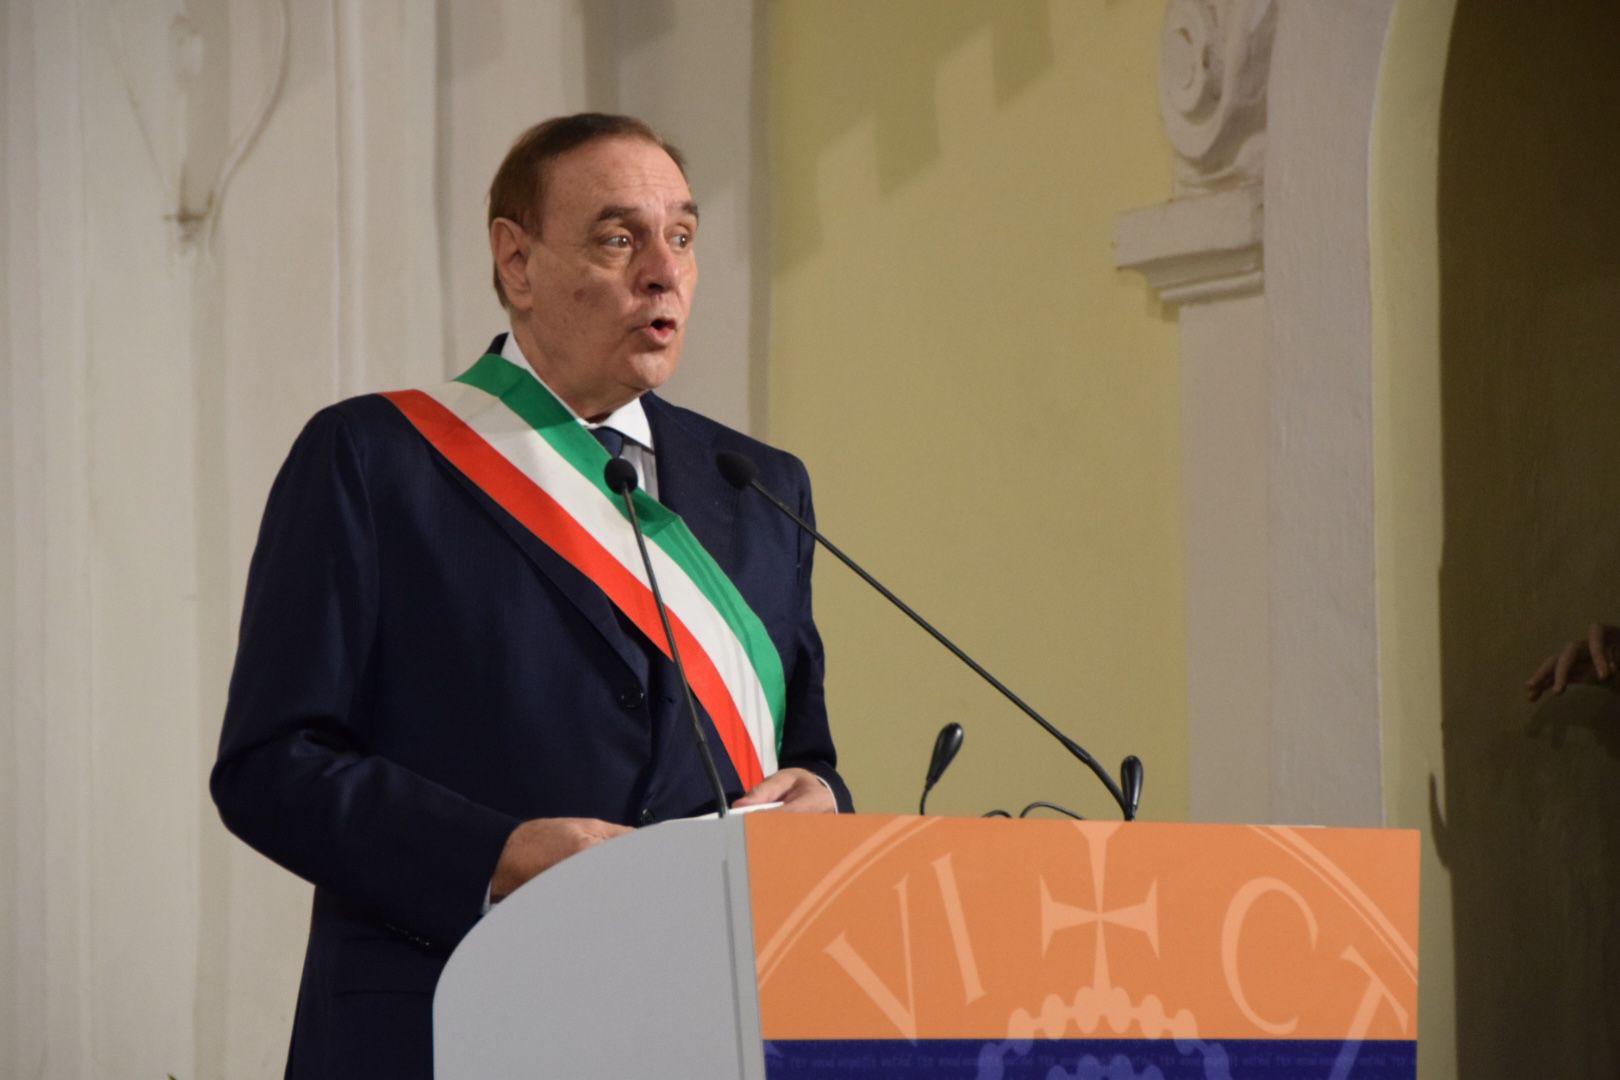 Sindaco Clemente Mastella